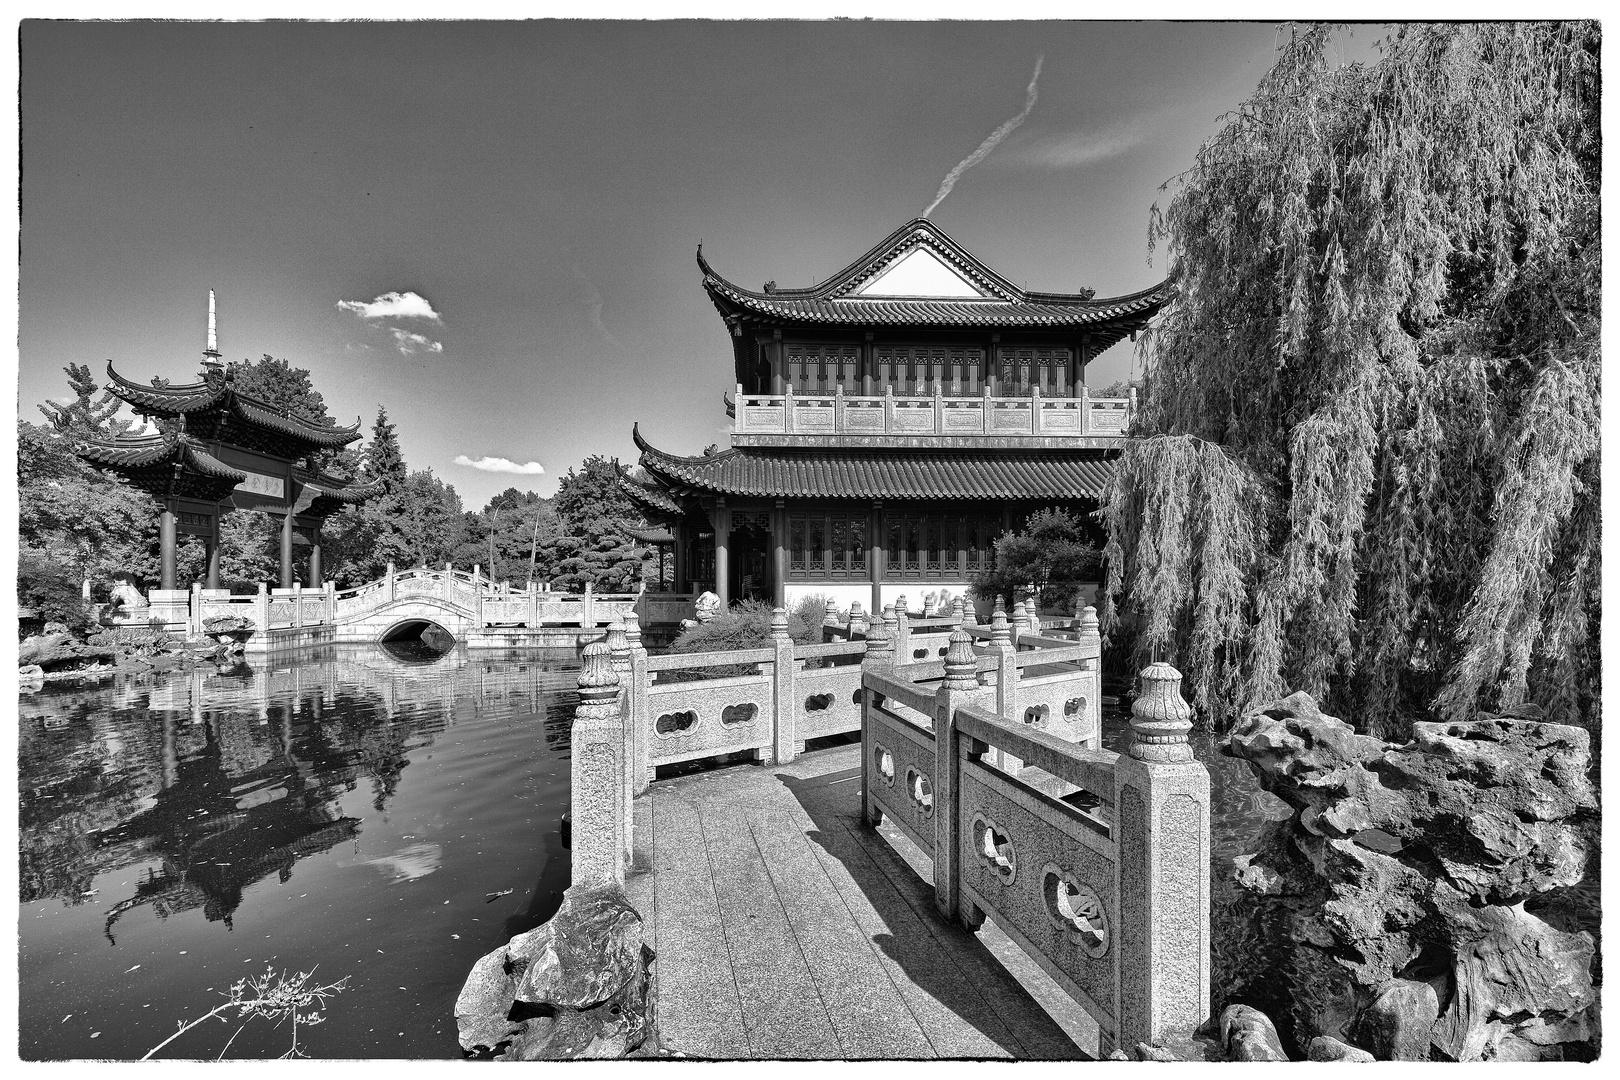 Teepavillon mit Zickzackbrücke